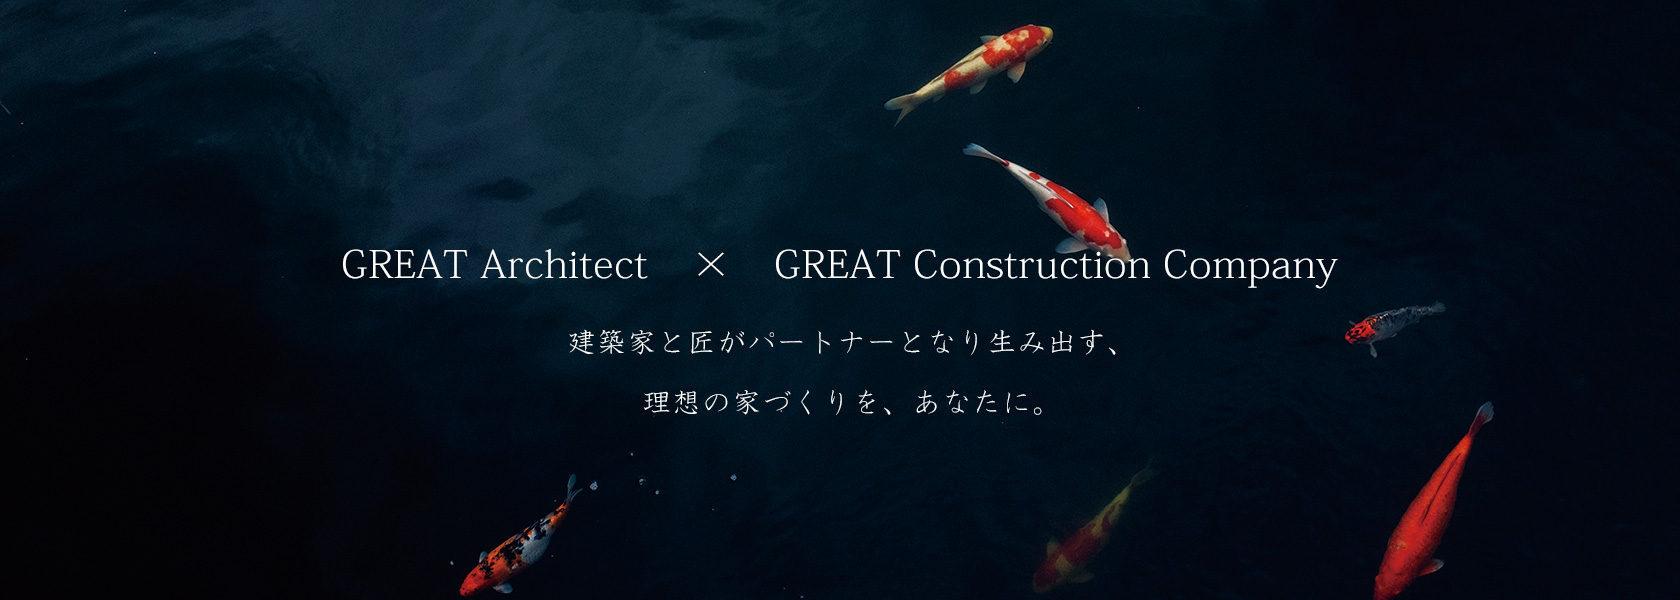 G-CAST CONCEPT